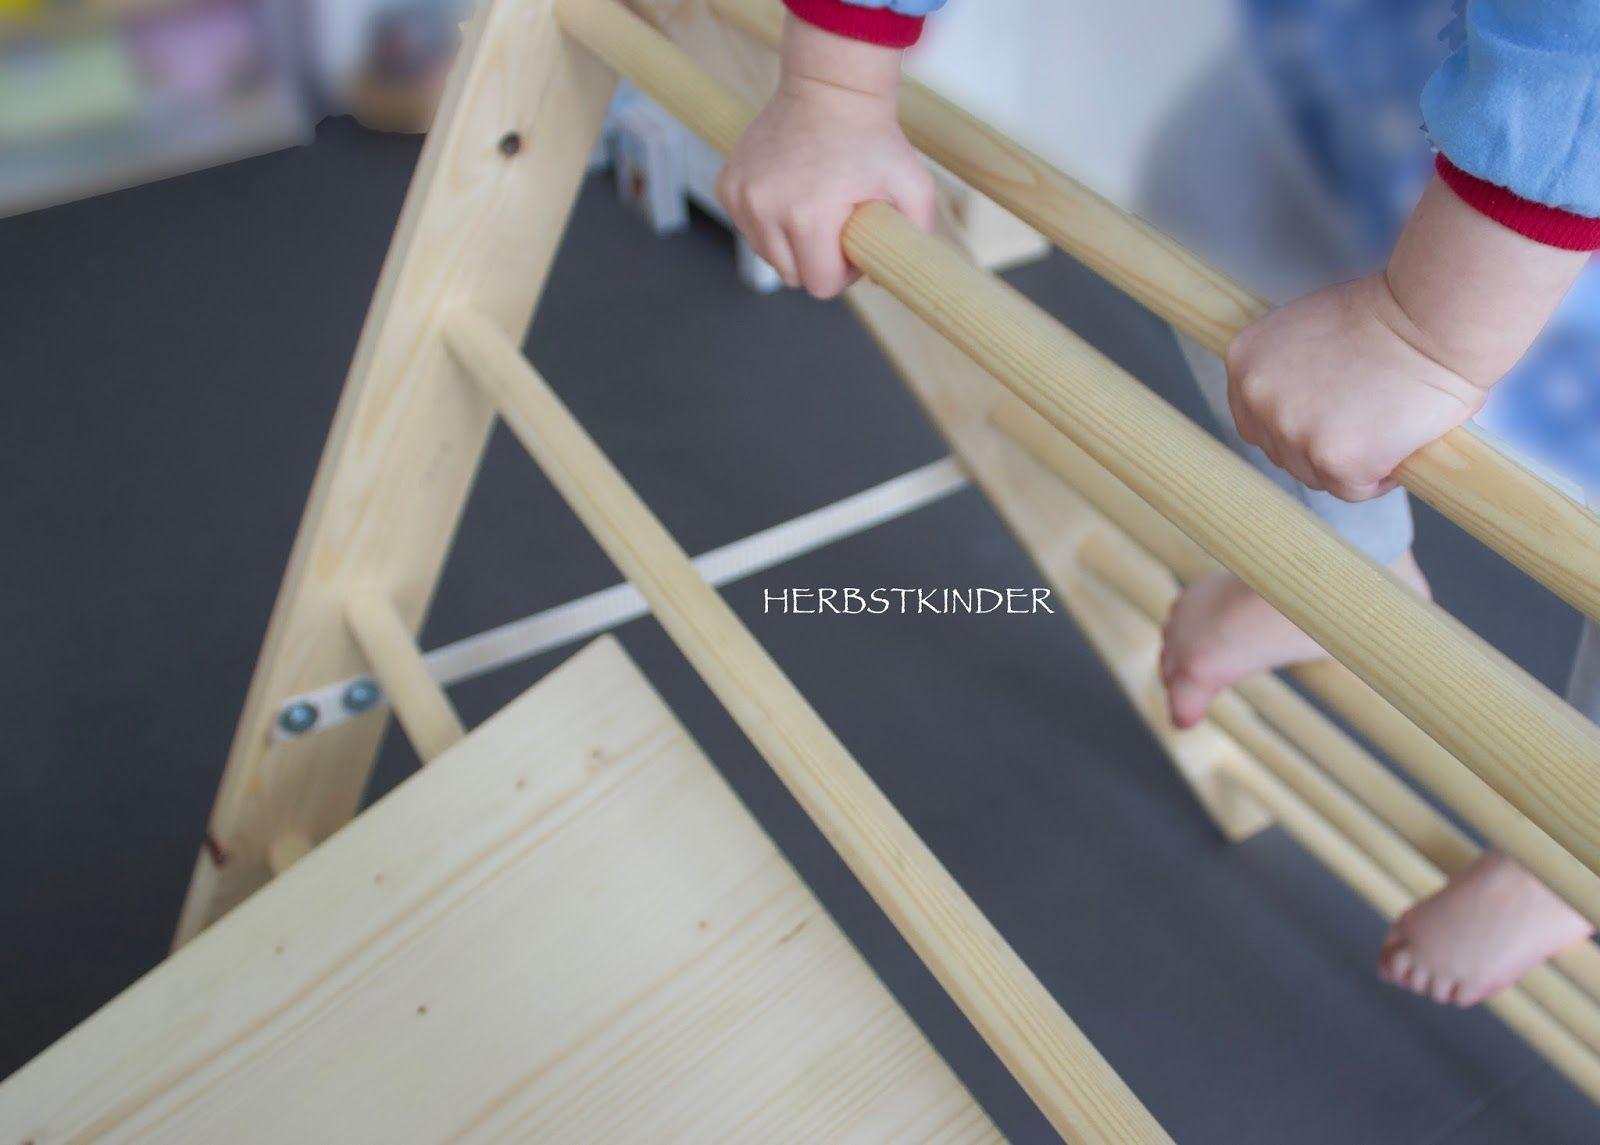 Kletterdreieck Pikler : Diy kletterdreieck nach pikler herbstkinder montessori